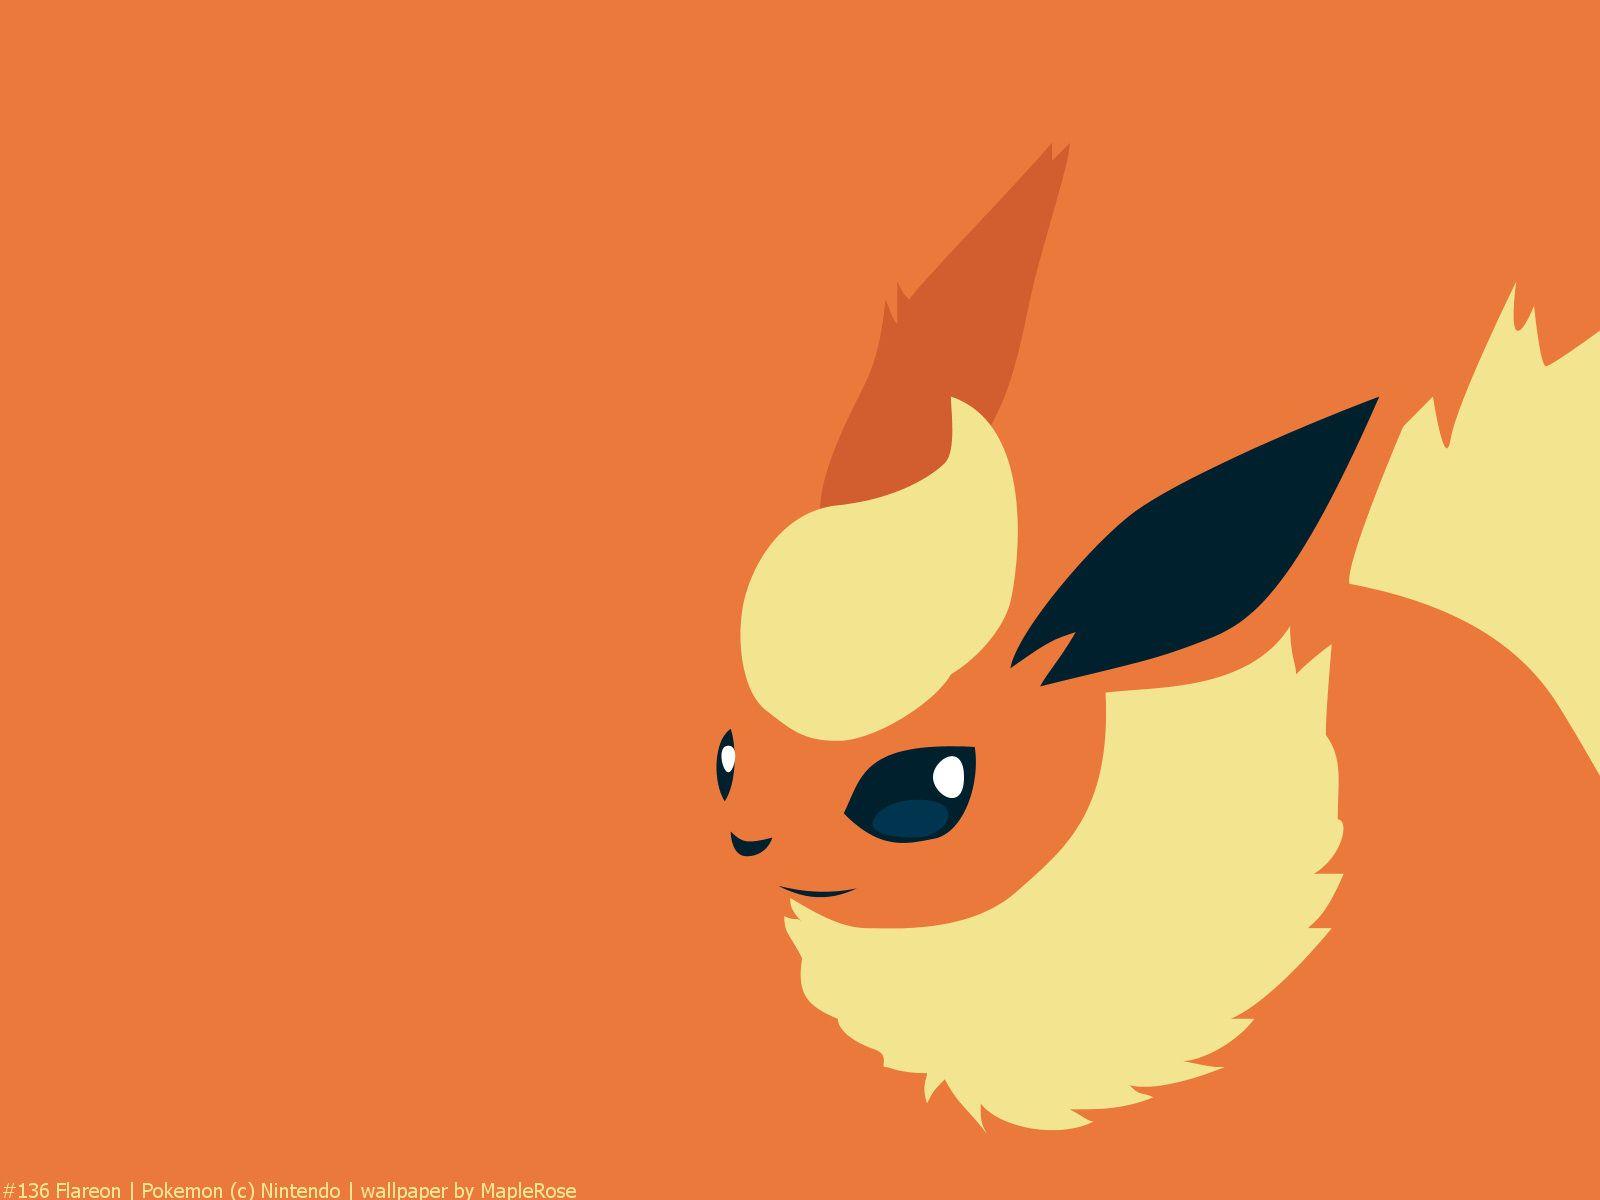 136 Flareon Pokemon Pokemon Eeveelutions Pokemon Art